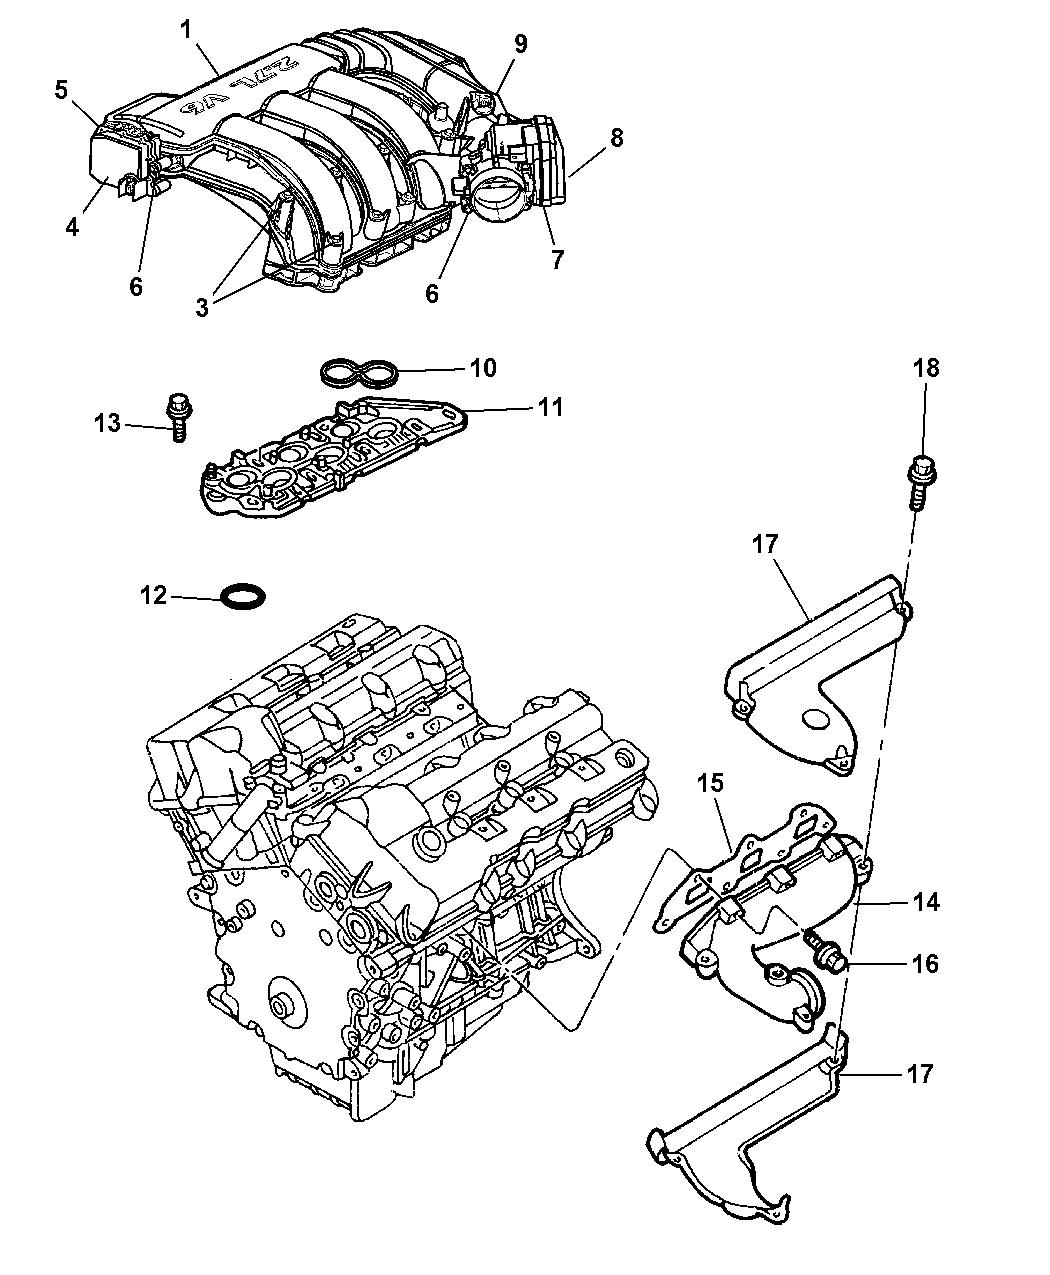 2007 Chrysler 300 Intake & Exhaust Manifold - Thumbnail 1